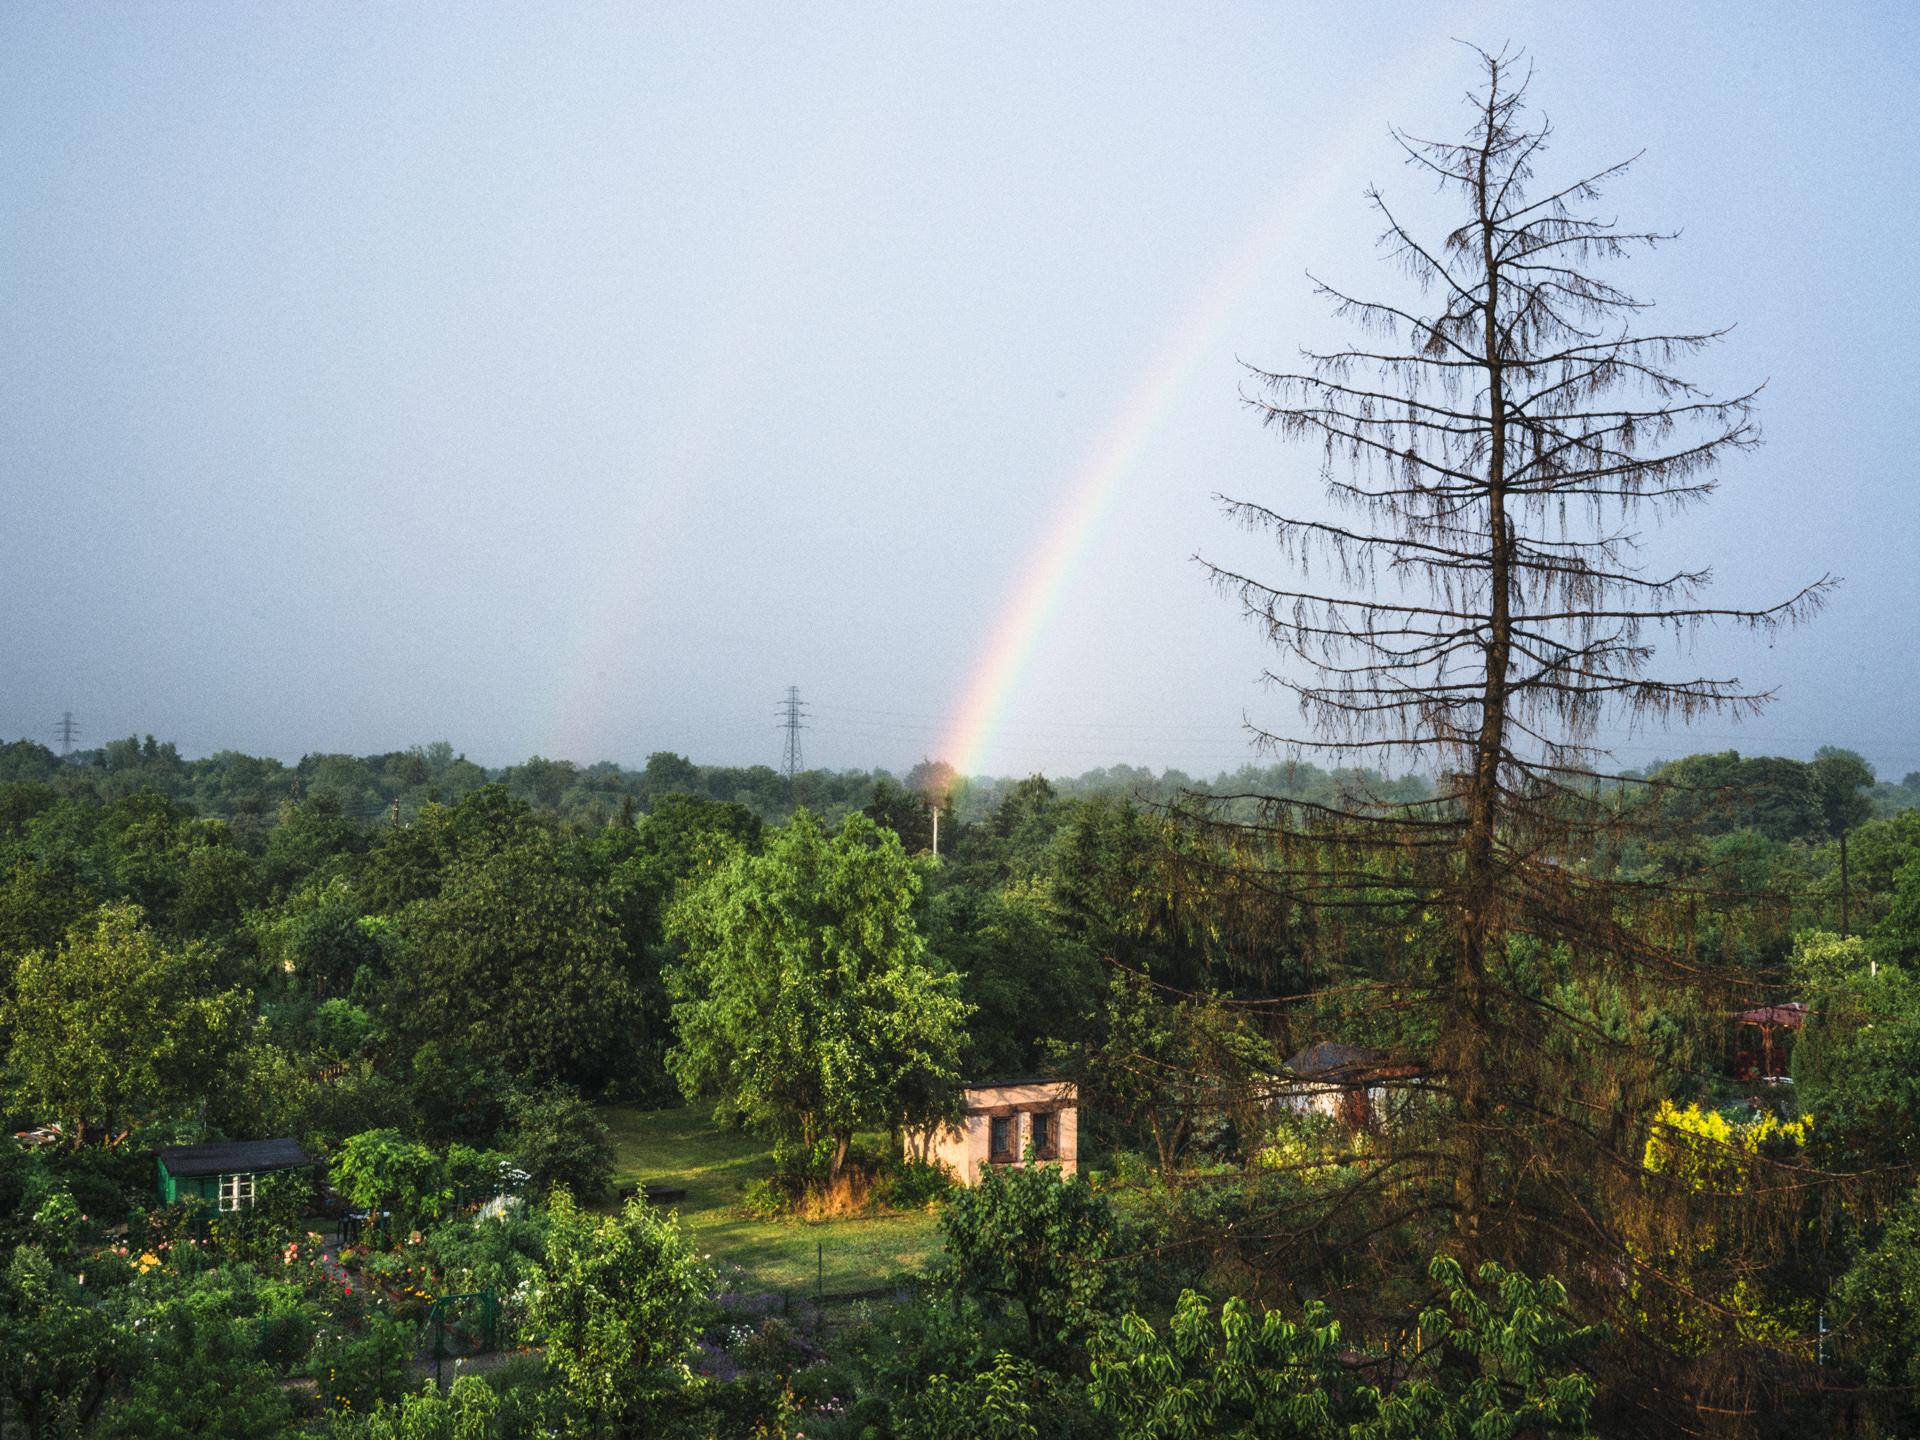 Ogródki działkowe zgóry. Nadole ogródki zdużą ilością drzew ialtankami. Nagórze pogodne niebo. Liście drzew są intensywnie zielone. Napierwszym planie modrzew bezigieł. Naśrodku nieba tęcza.